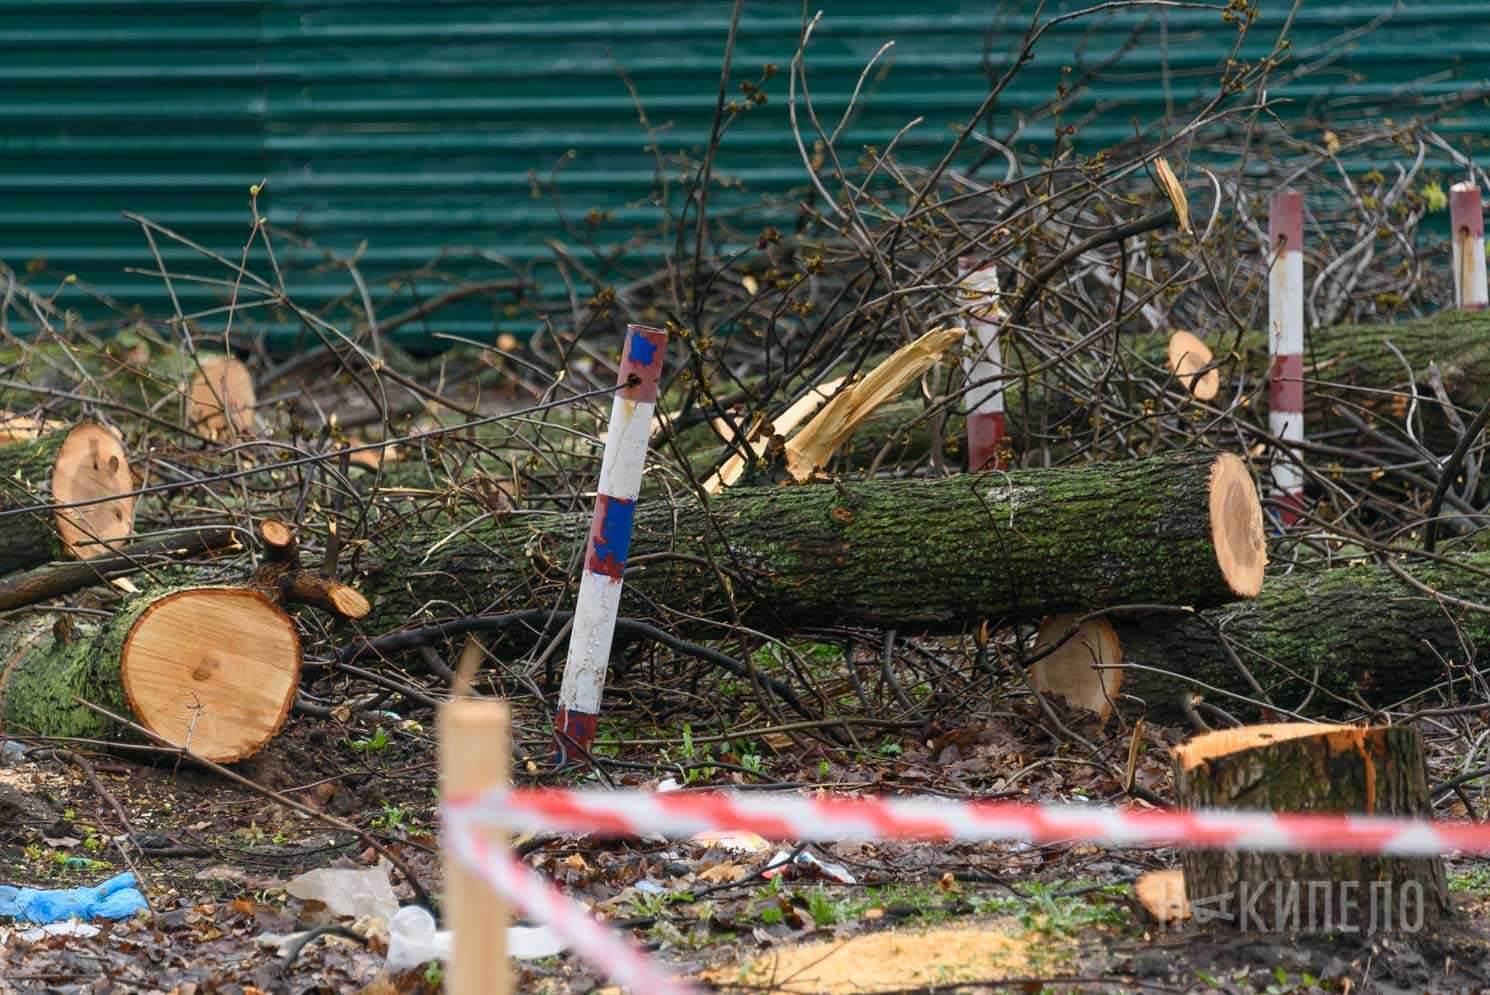 вырубка деревьев дерево обрезка парк